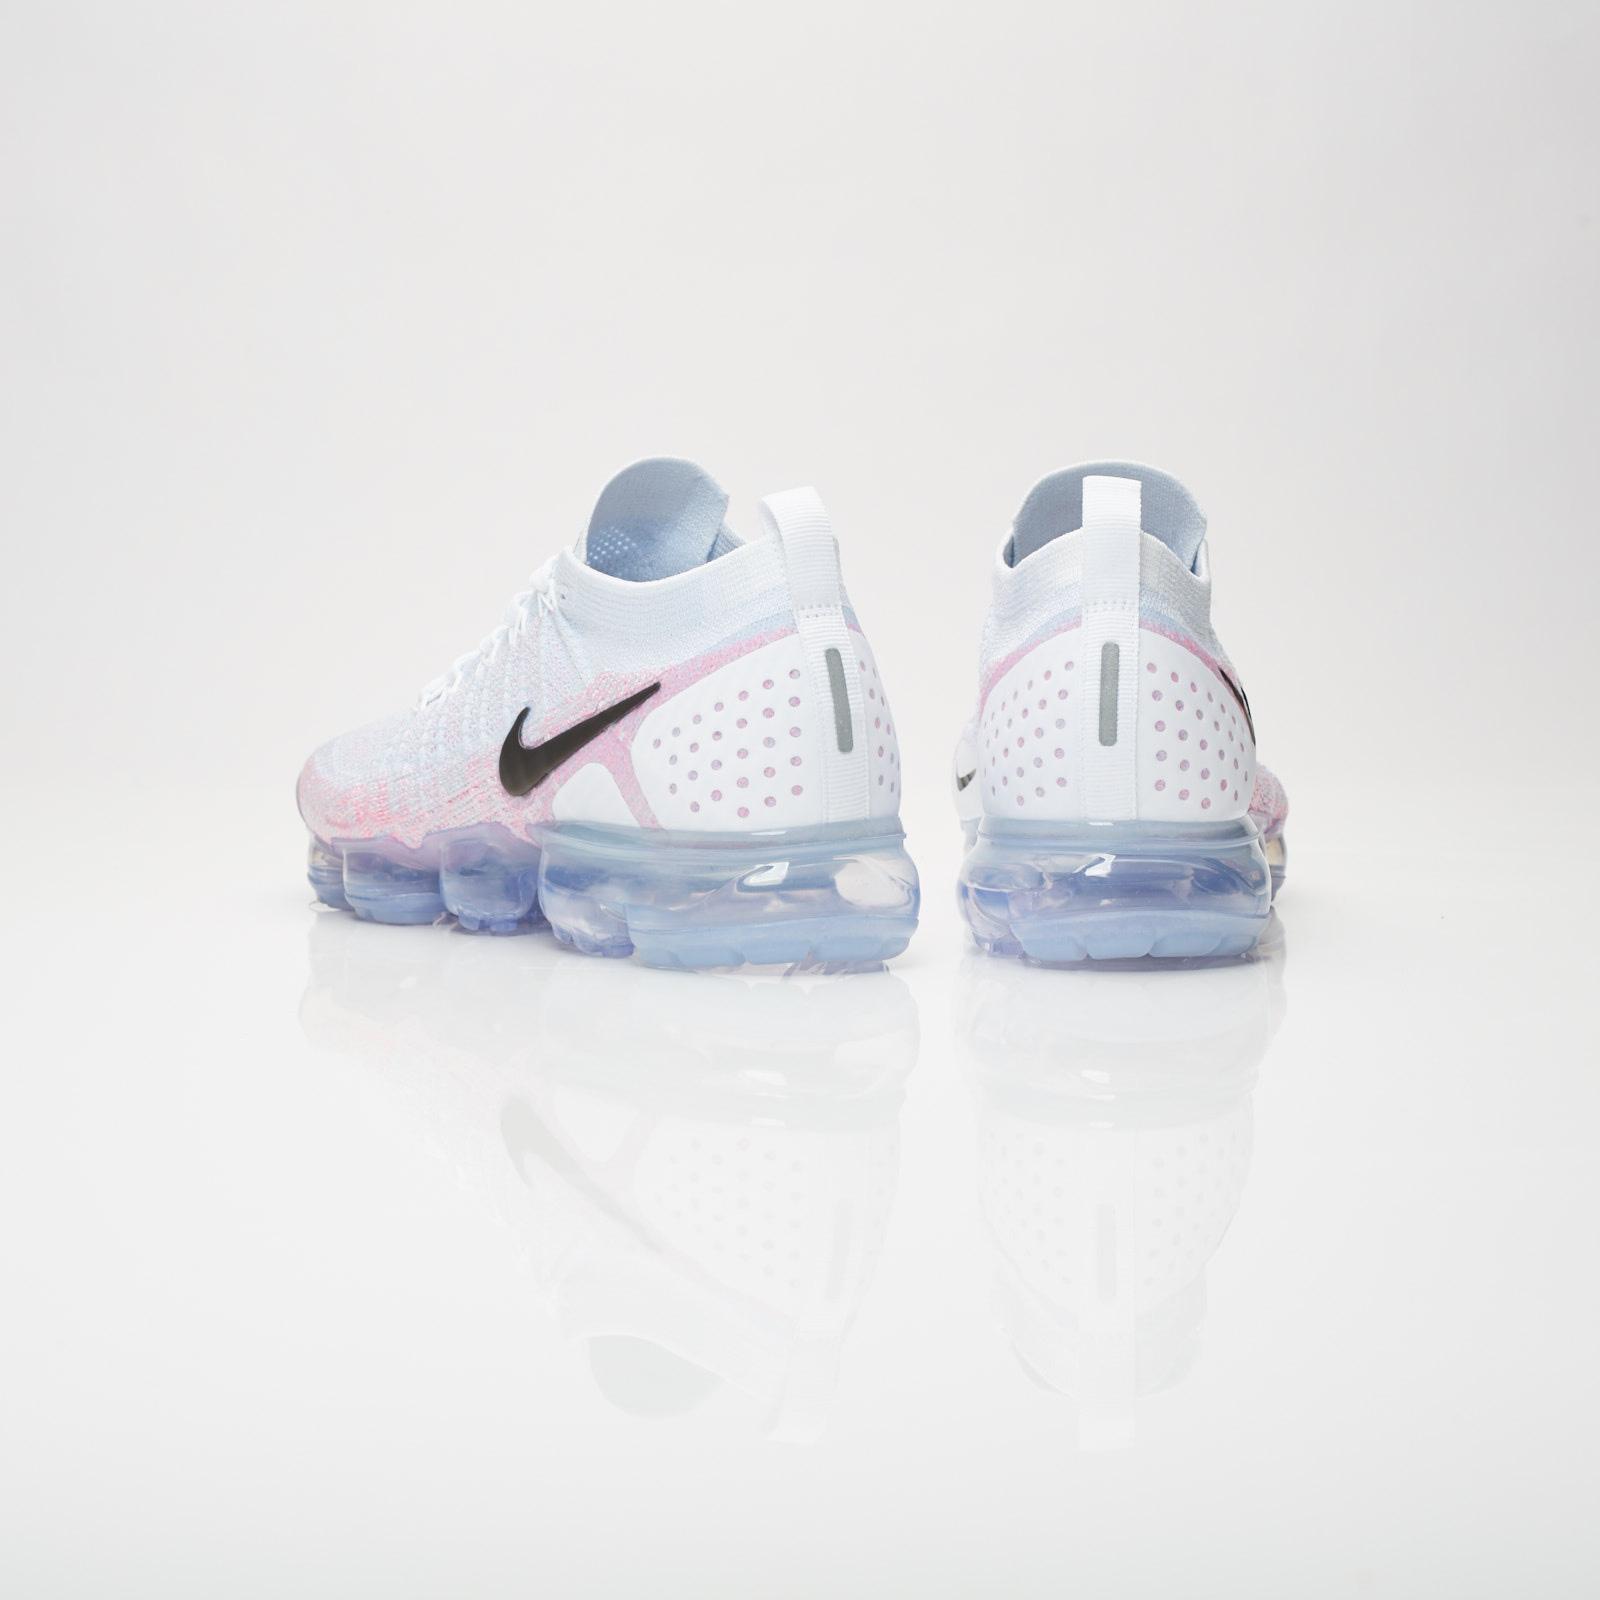 193b840a678 Nike Air Vapormax Flyknit 2 - 942842-102 - Sneakersnstuff